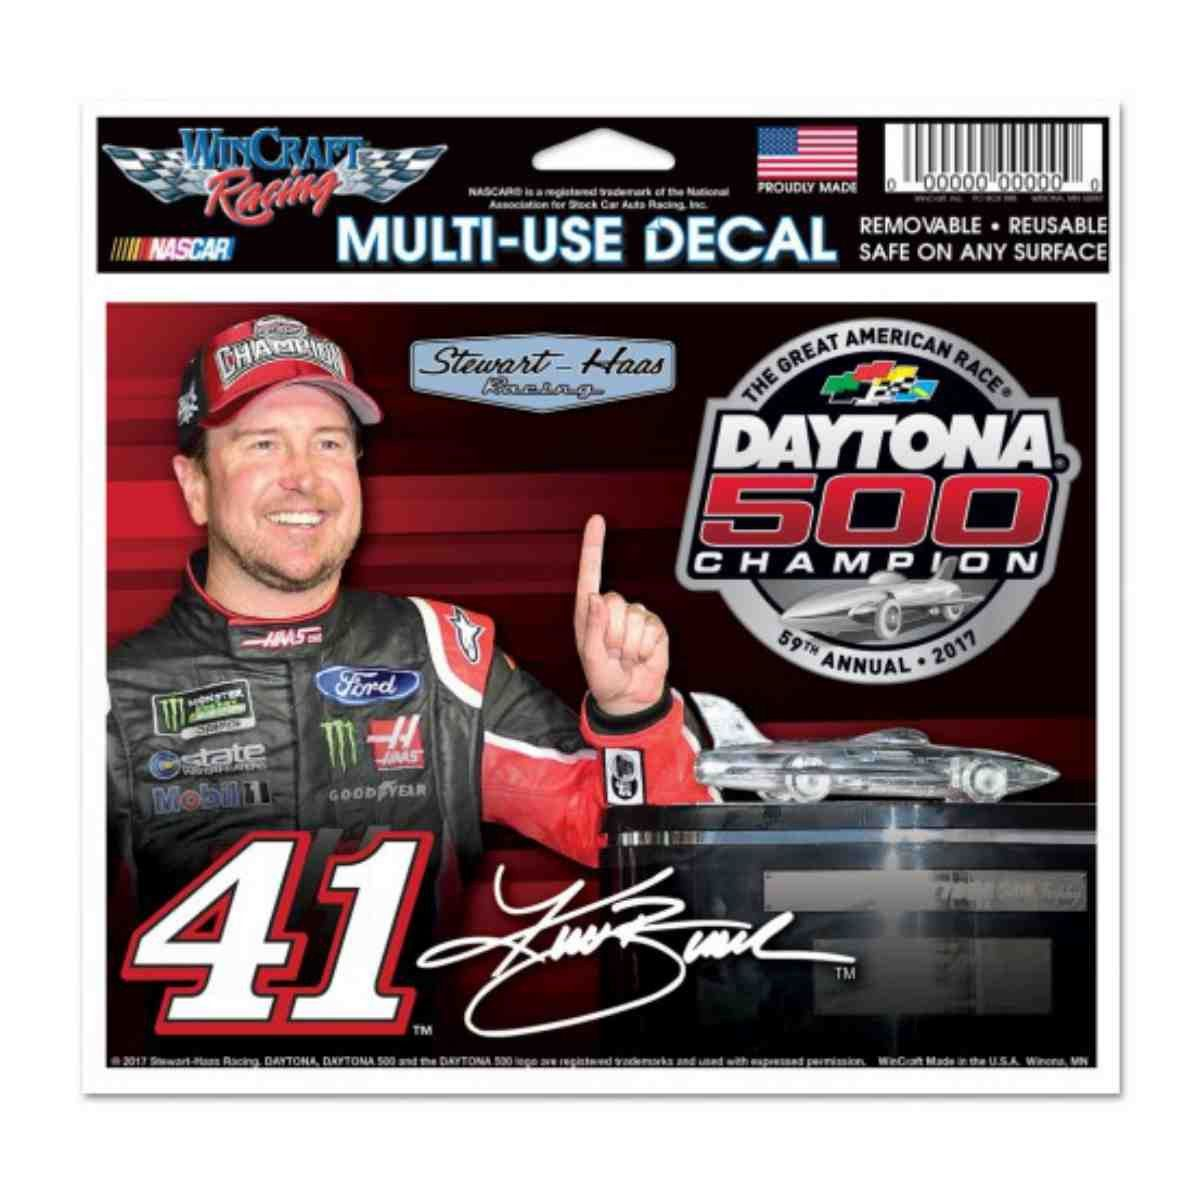 """Kurt Busch #41 2017 Daytona 500 Champion NASCAR Multi-Use Decal (4.5""""x6"""")"""